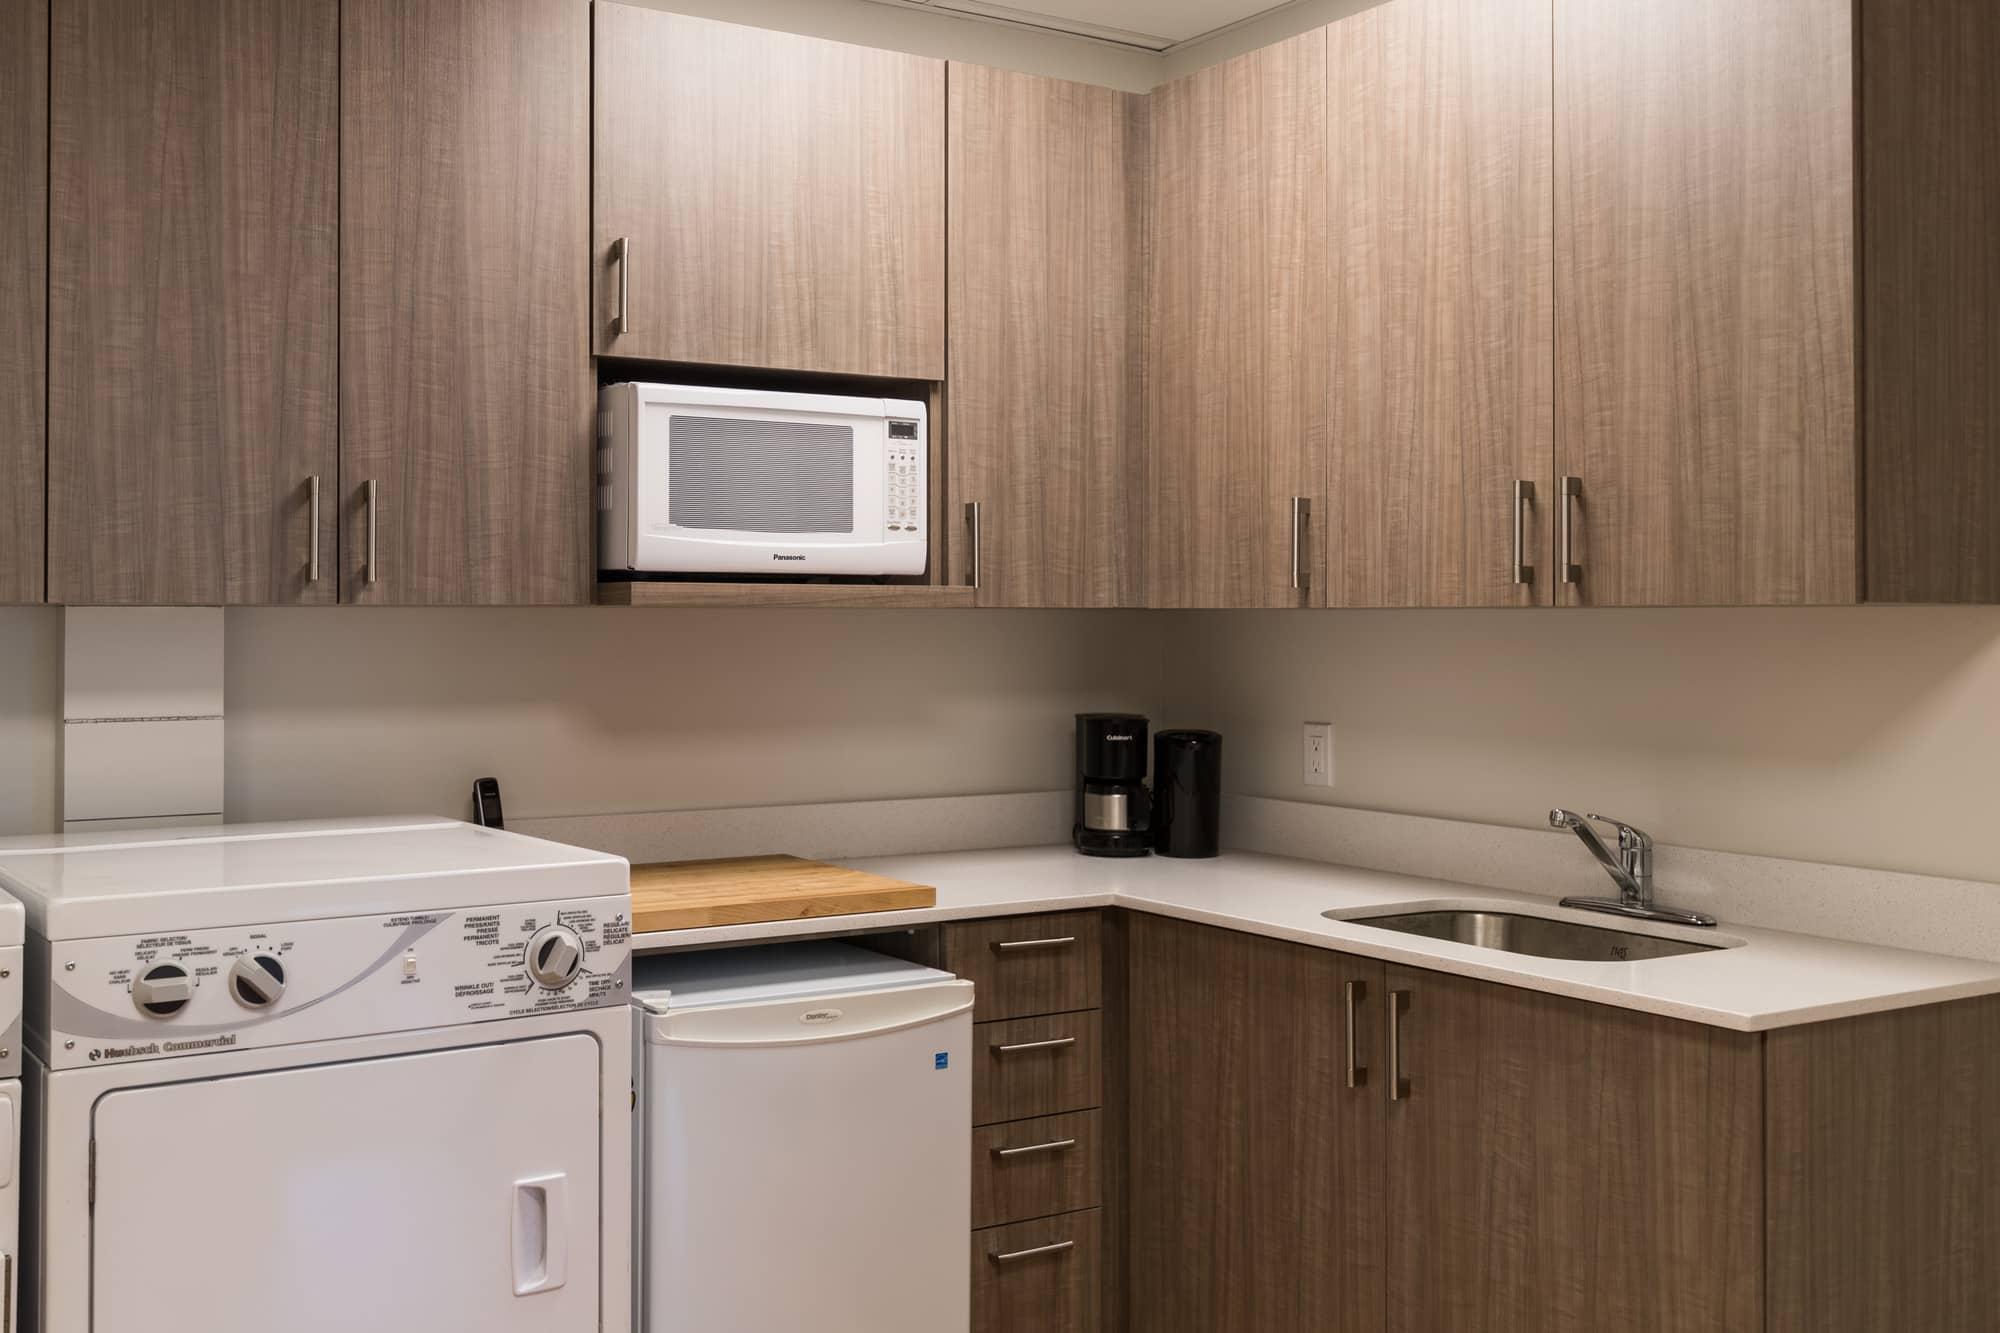 Salle d'employés rénovée avec laveuse, mini-frigo, micro-ondes, lavabo et armoire en mélamine brun pâle